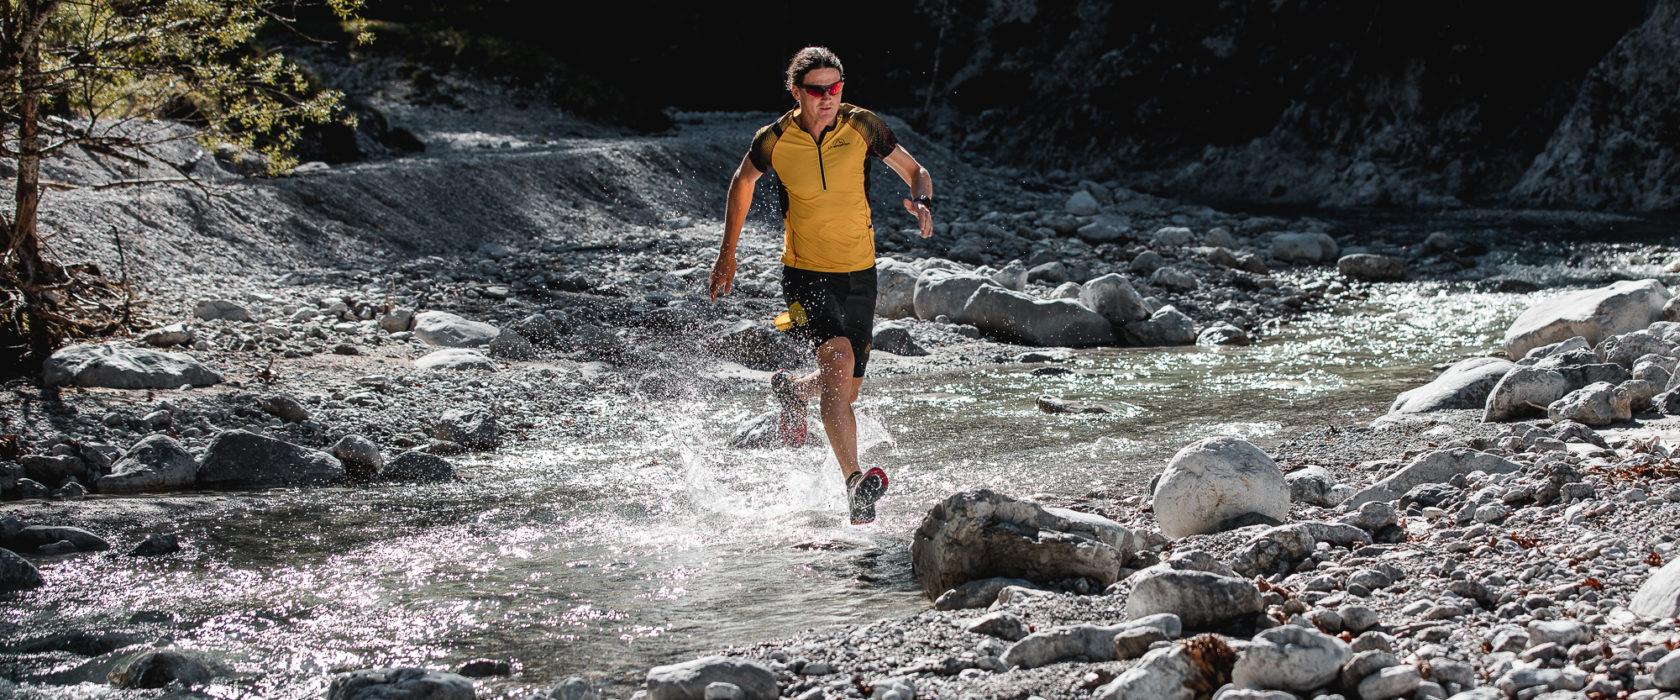 garmont trailrunning schuh test